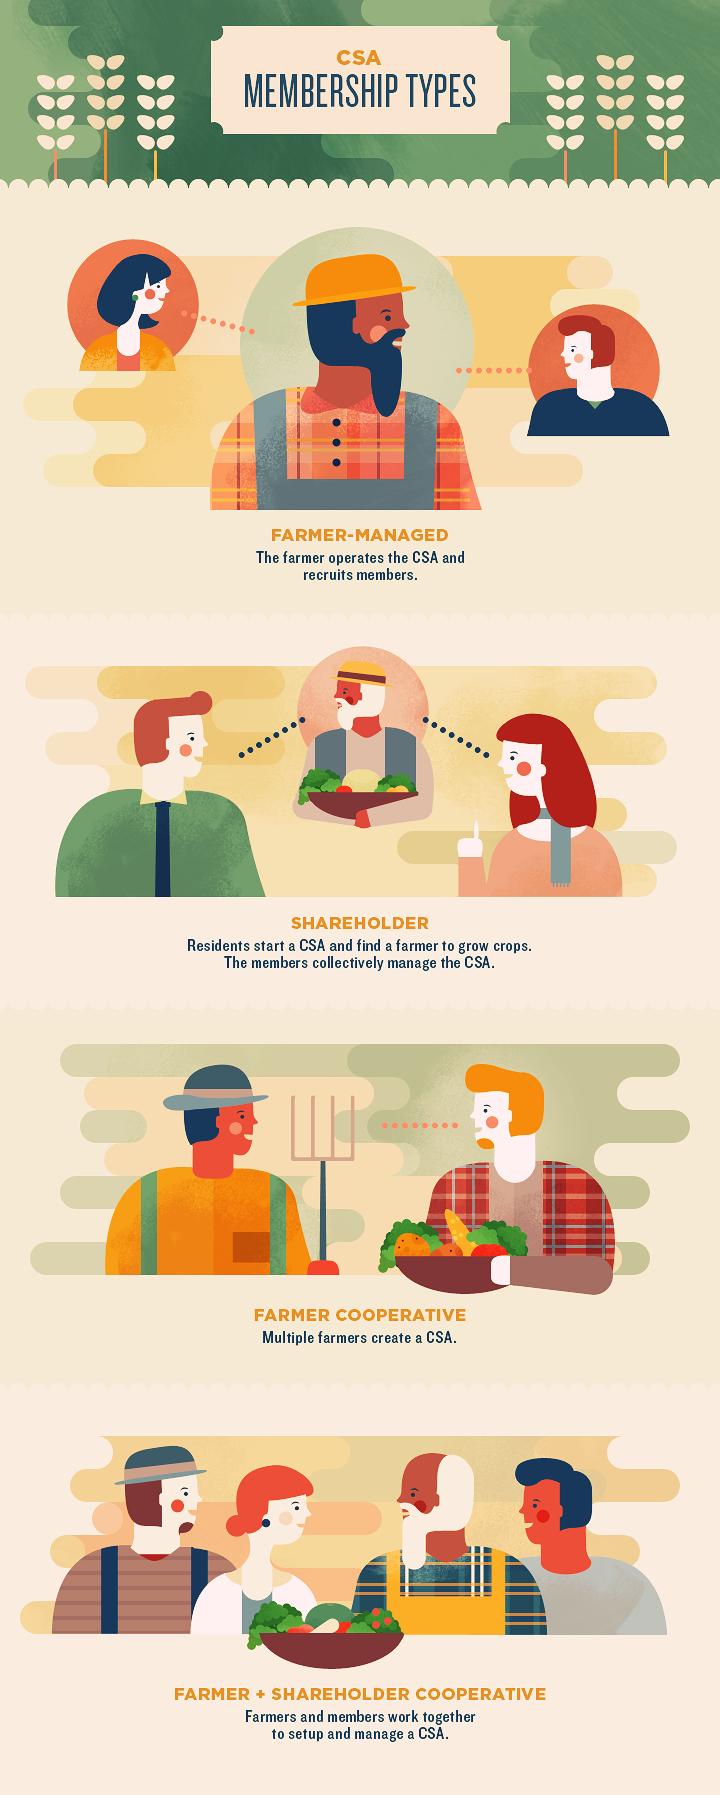 Growing a CSA Membership - Types of CSA Memberships Explained